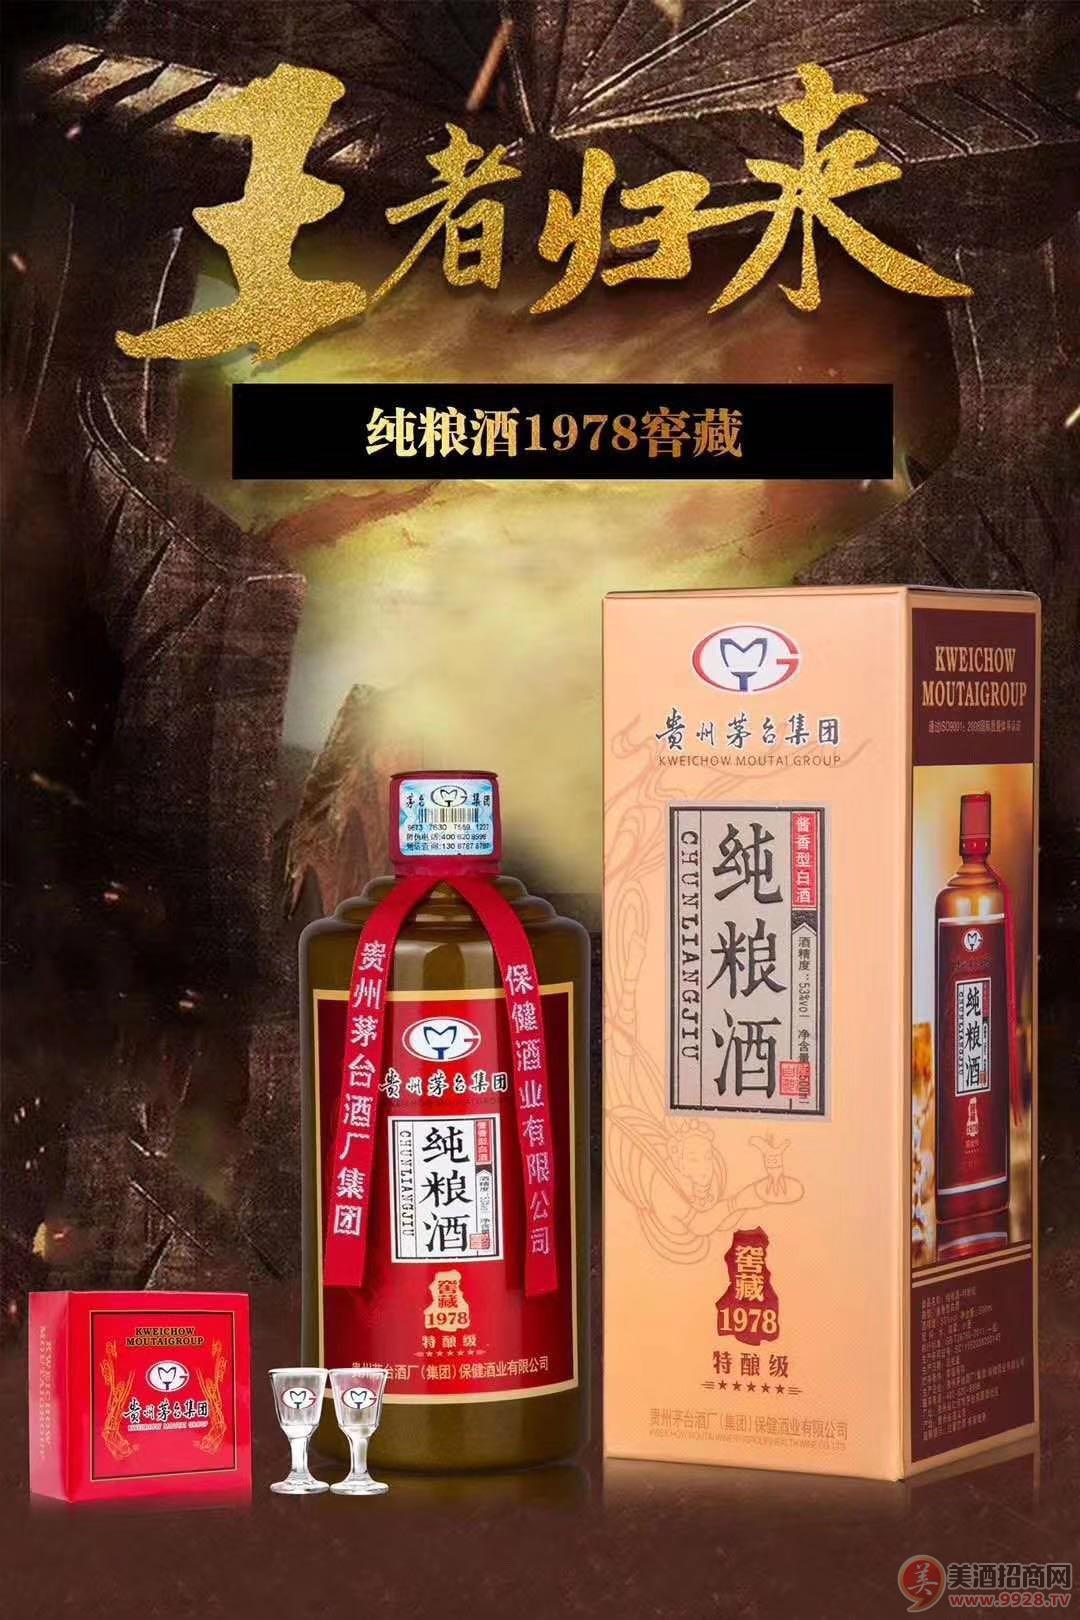 茅�_��Z酒―窖藏1978